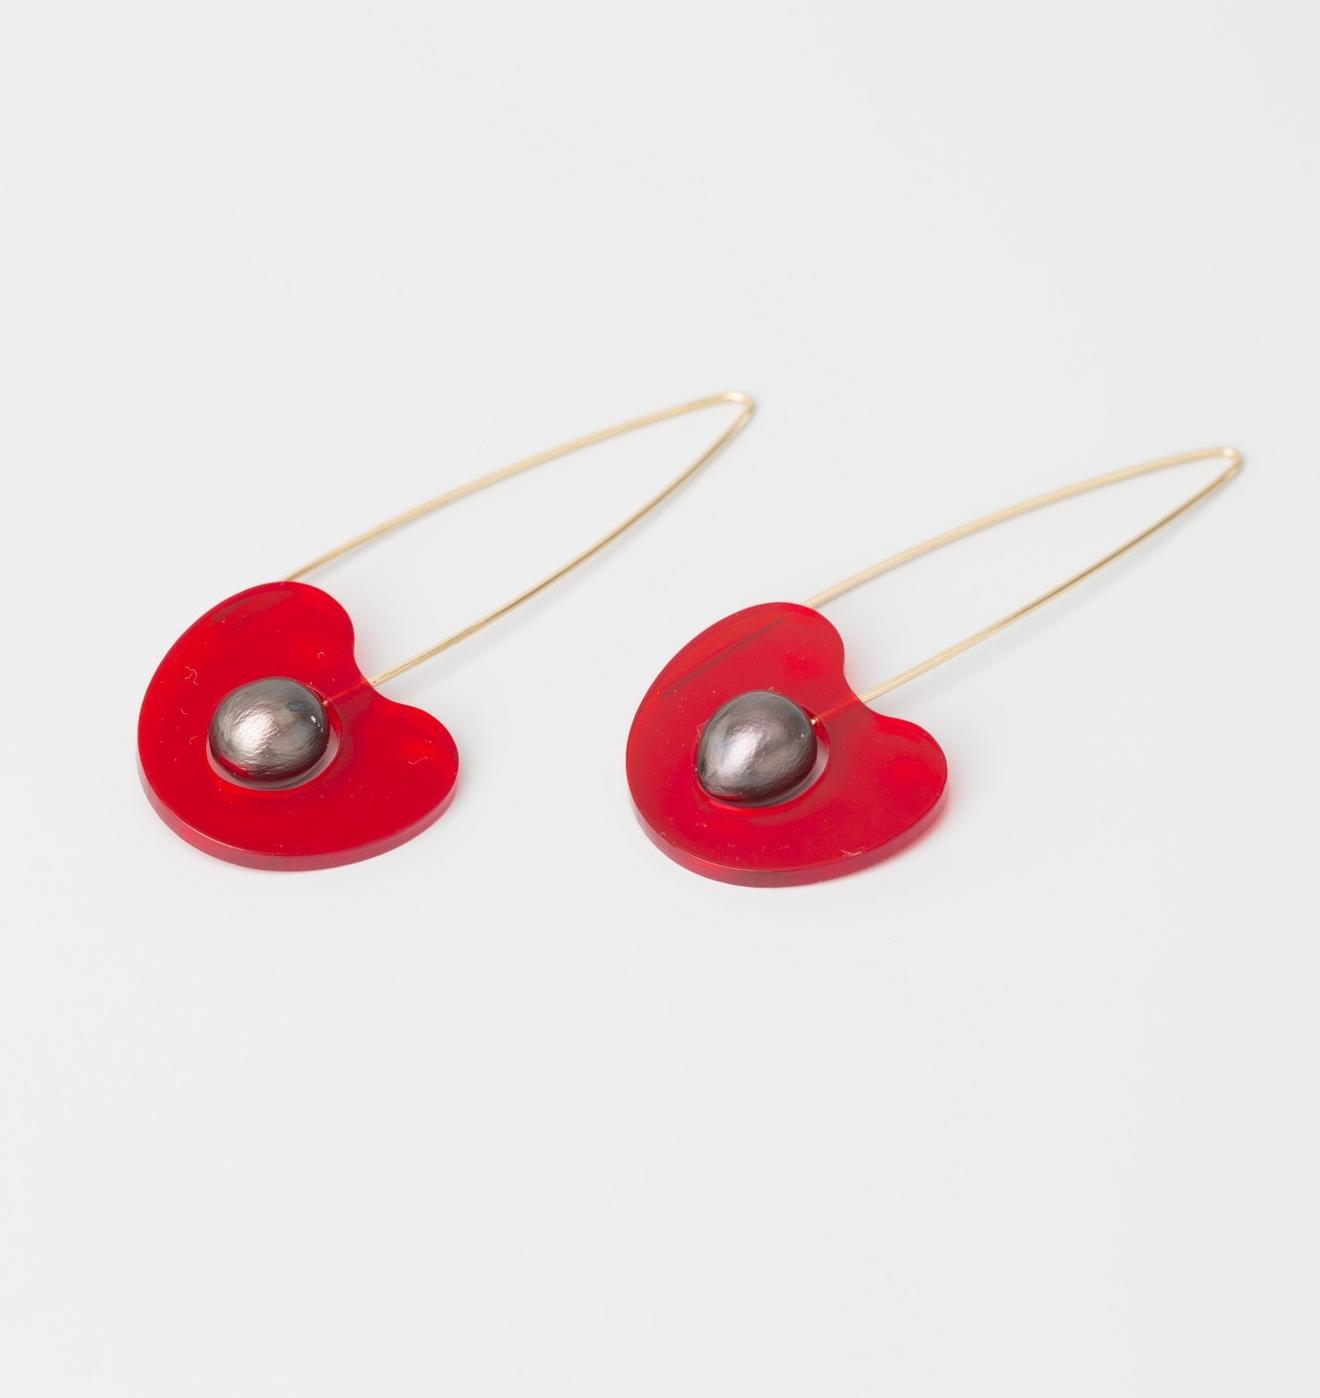 Cherry Cherry - Pendants d'oreille -  2017 - Perles noires, Or rose 750, Acrylique rouge transparent.jpg